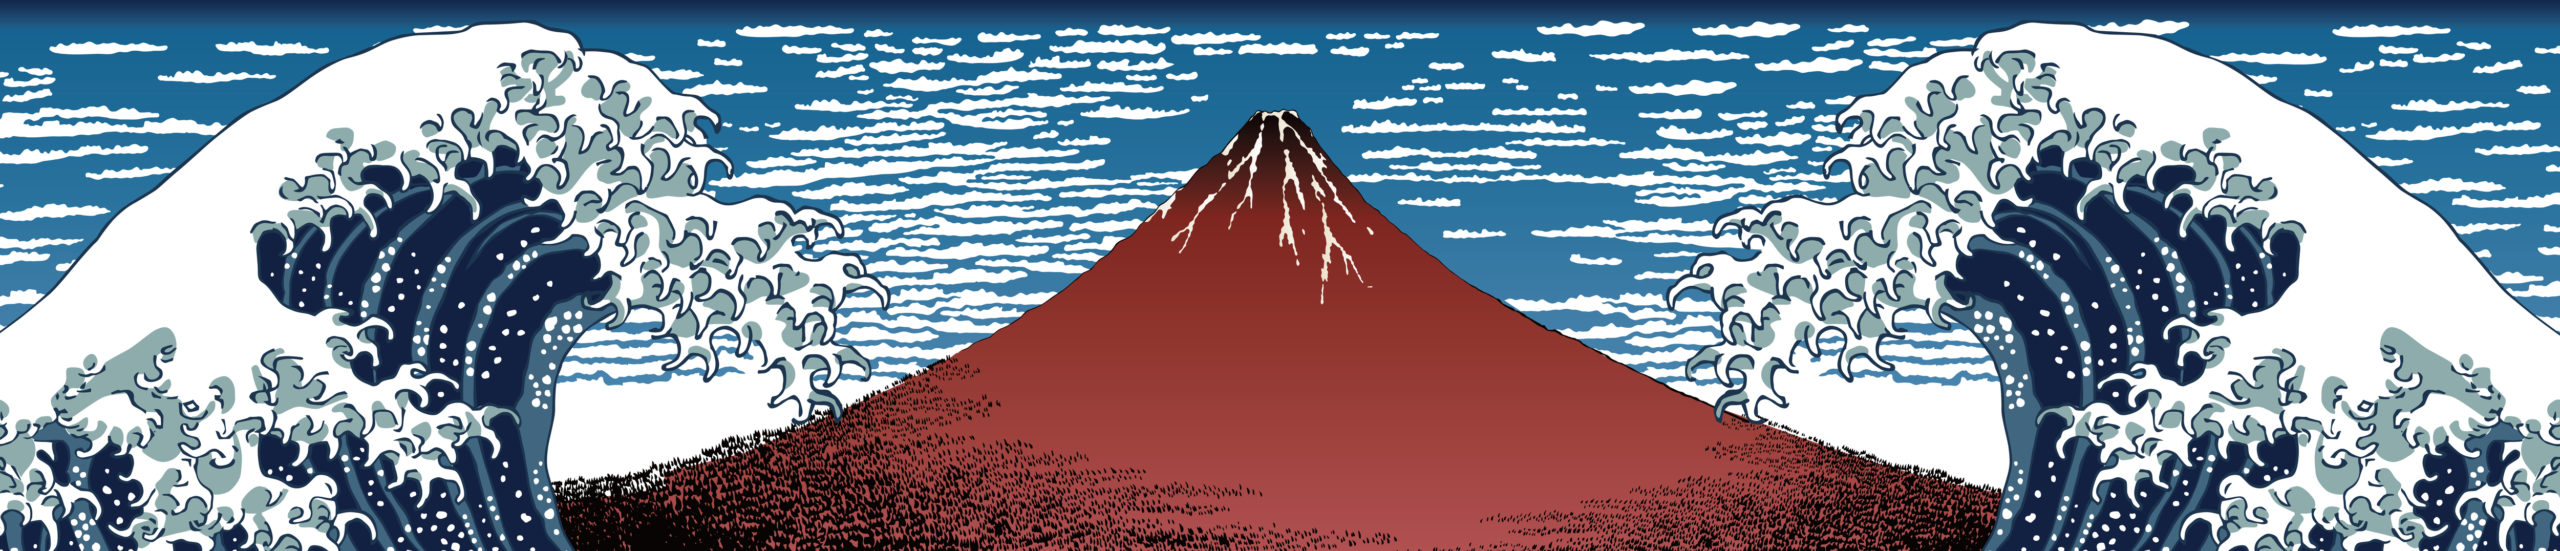 Reinterpretación de la ola de Hokusai.   CRÉDITO: Kimasa